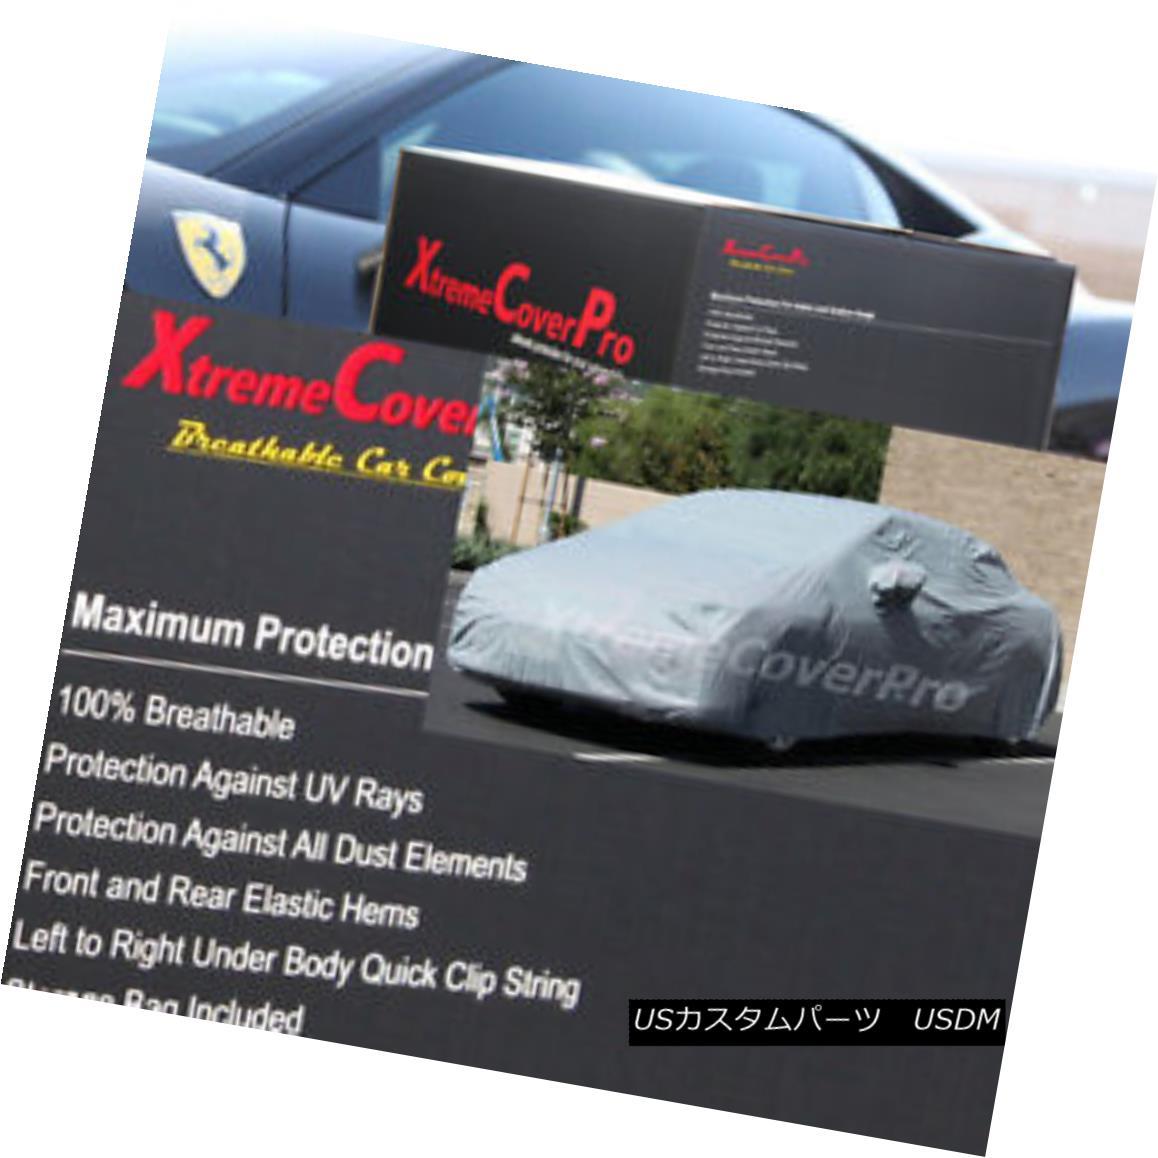 カーカバー 2013 Mini Clubman Breathable Car Cover w/MirrorPocket 2013 Mini Clubman通気性の車カバー付きMirrorPocket